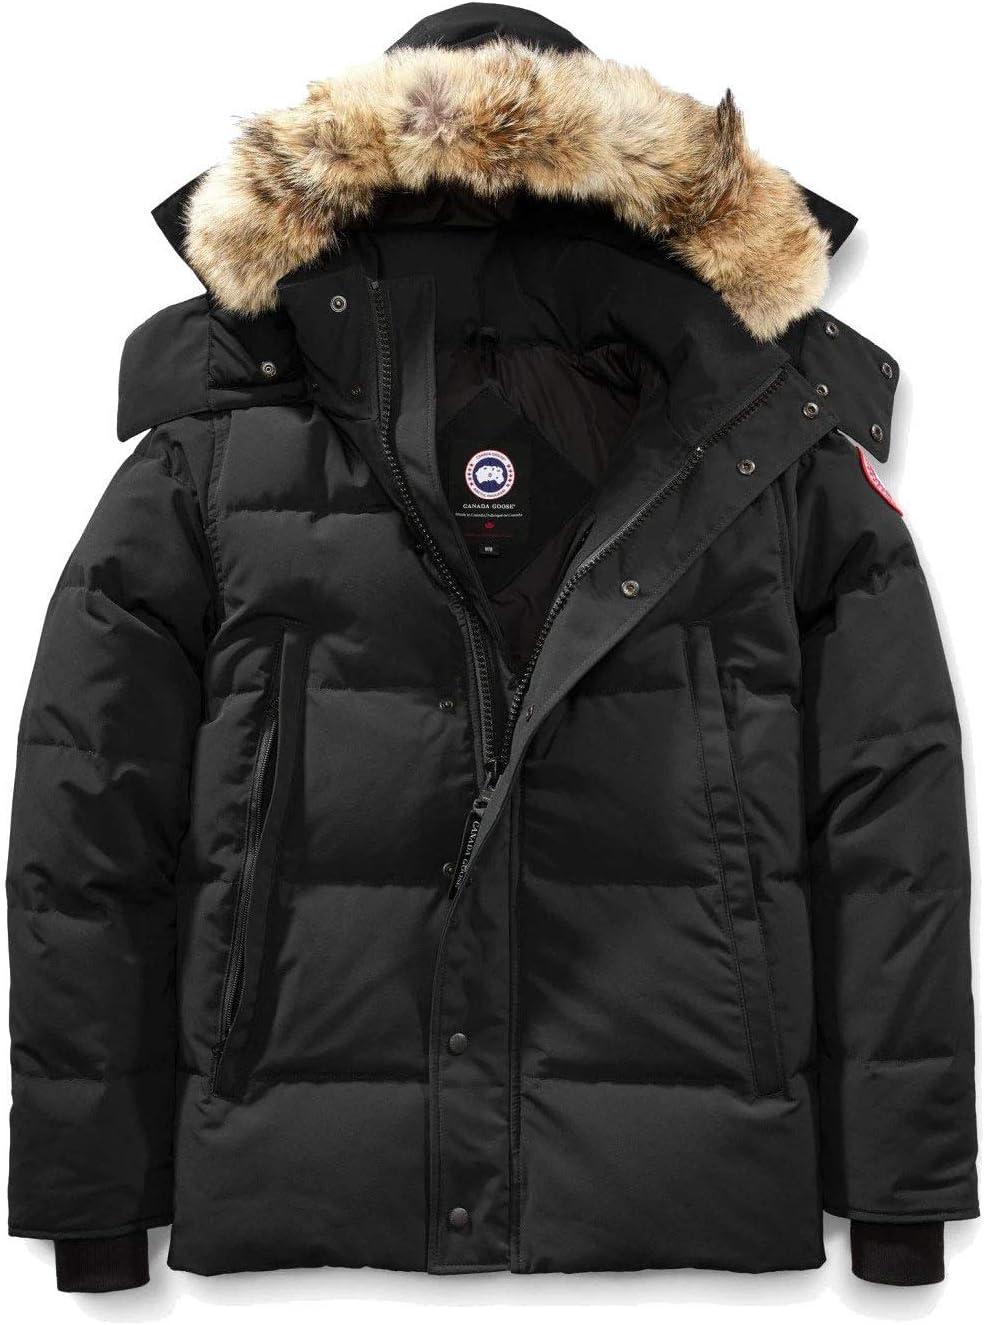 反季促销:5128.36元  Canada Goose 加拿大鹅 Wyndham 男士羽绒服